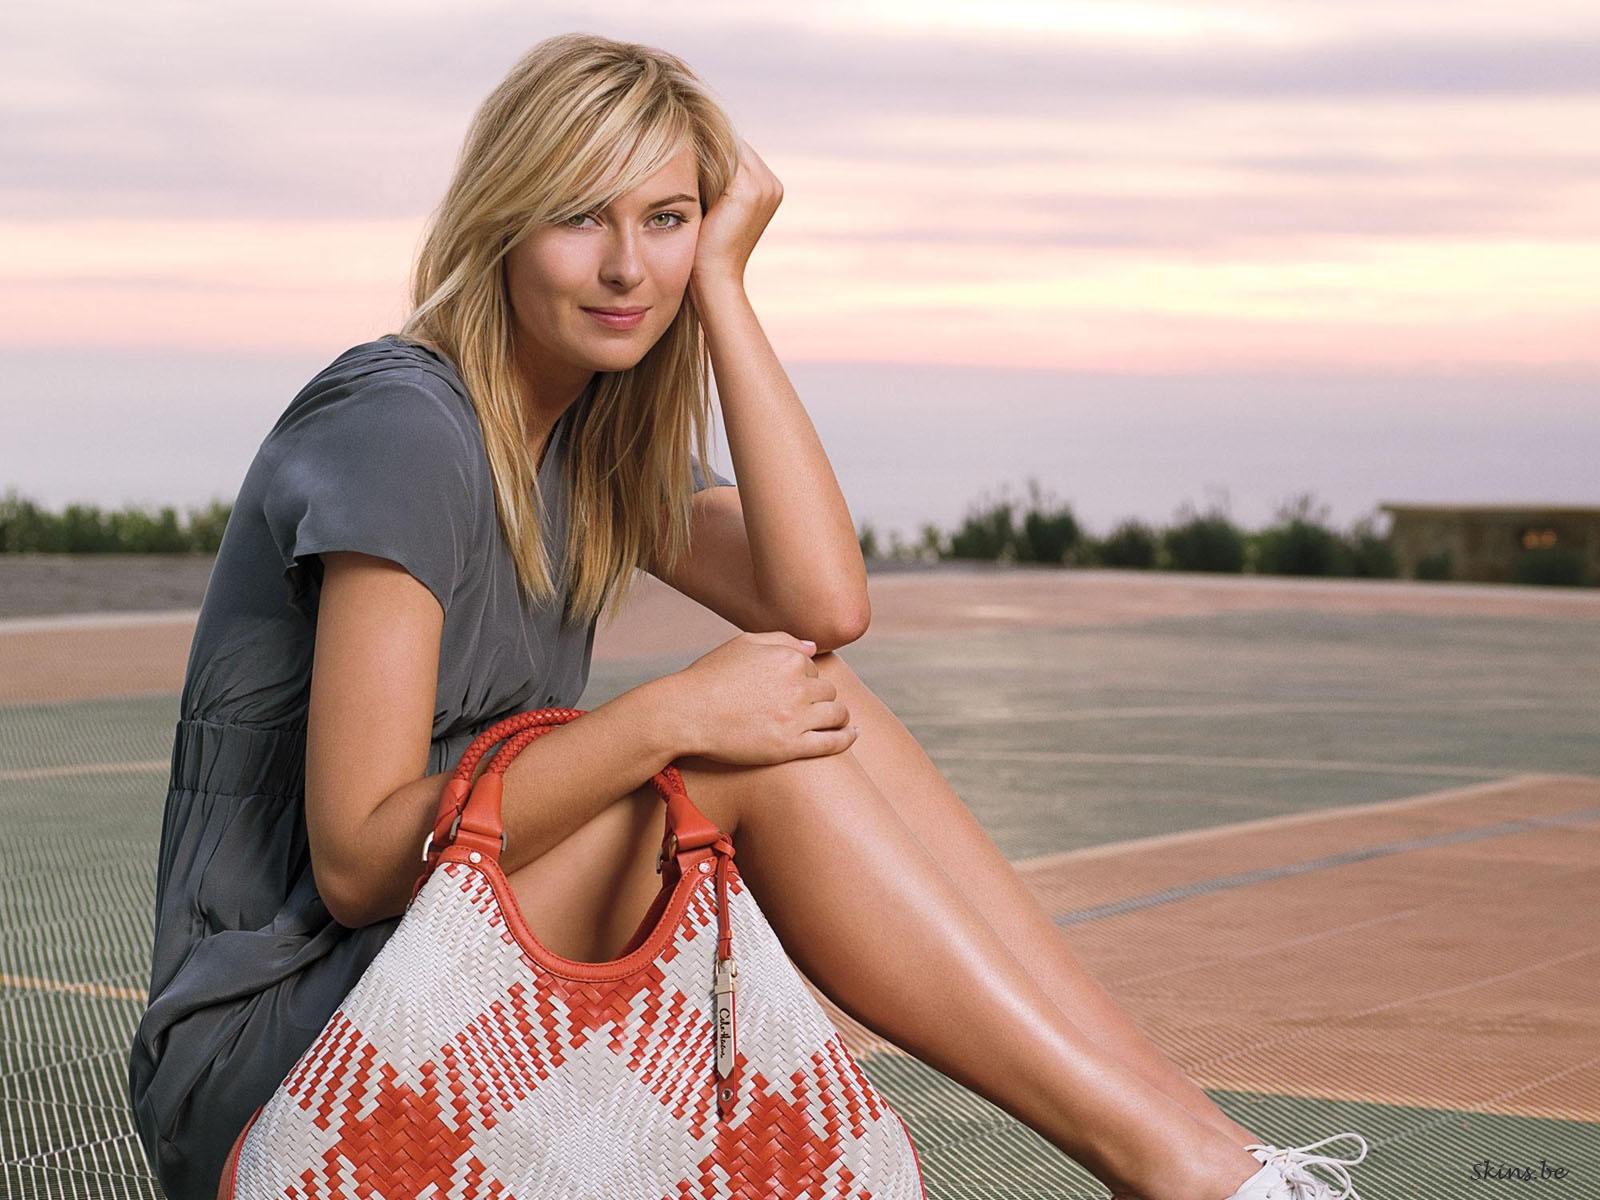 http://4.bp.blogspot.com/-oUHg6uP-AmY/TZjGbfPJ71I/AAAAAAAABNU/Gpk0SbzIGsE/s1600/Maria+Sharapova+%252847%2529.jpg